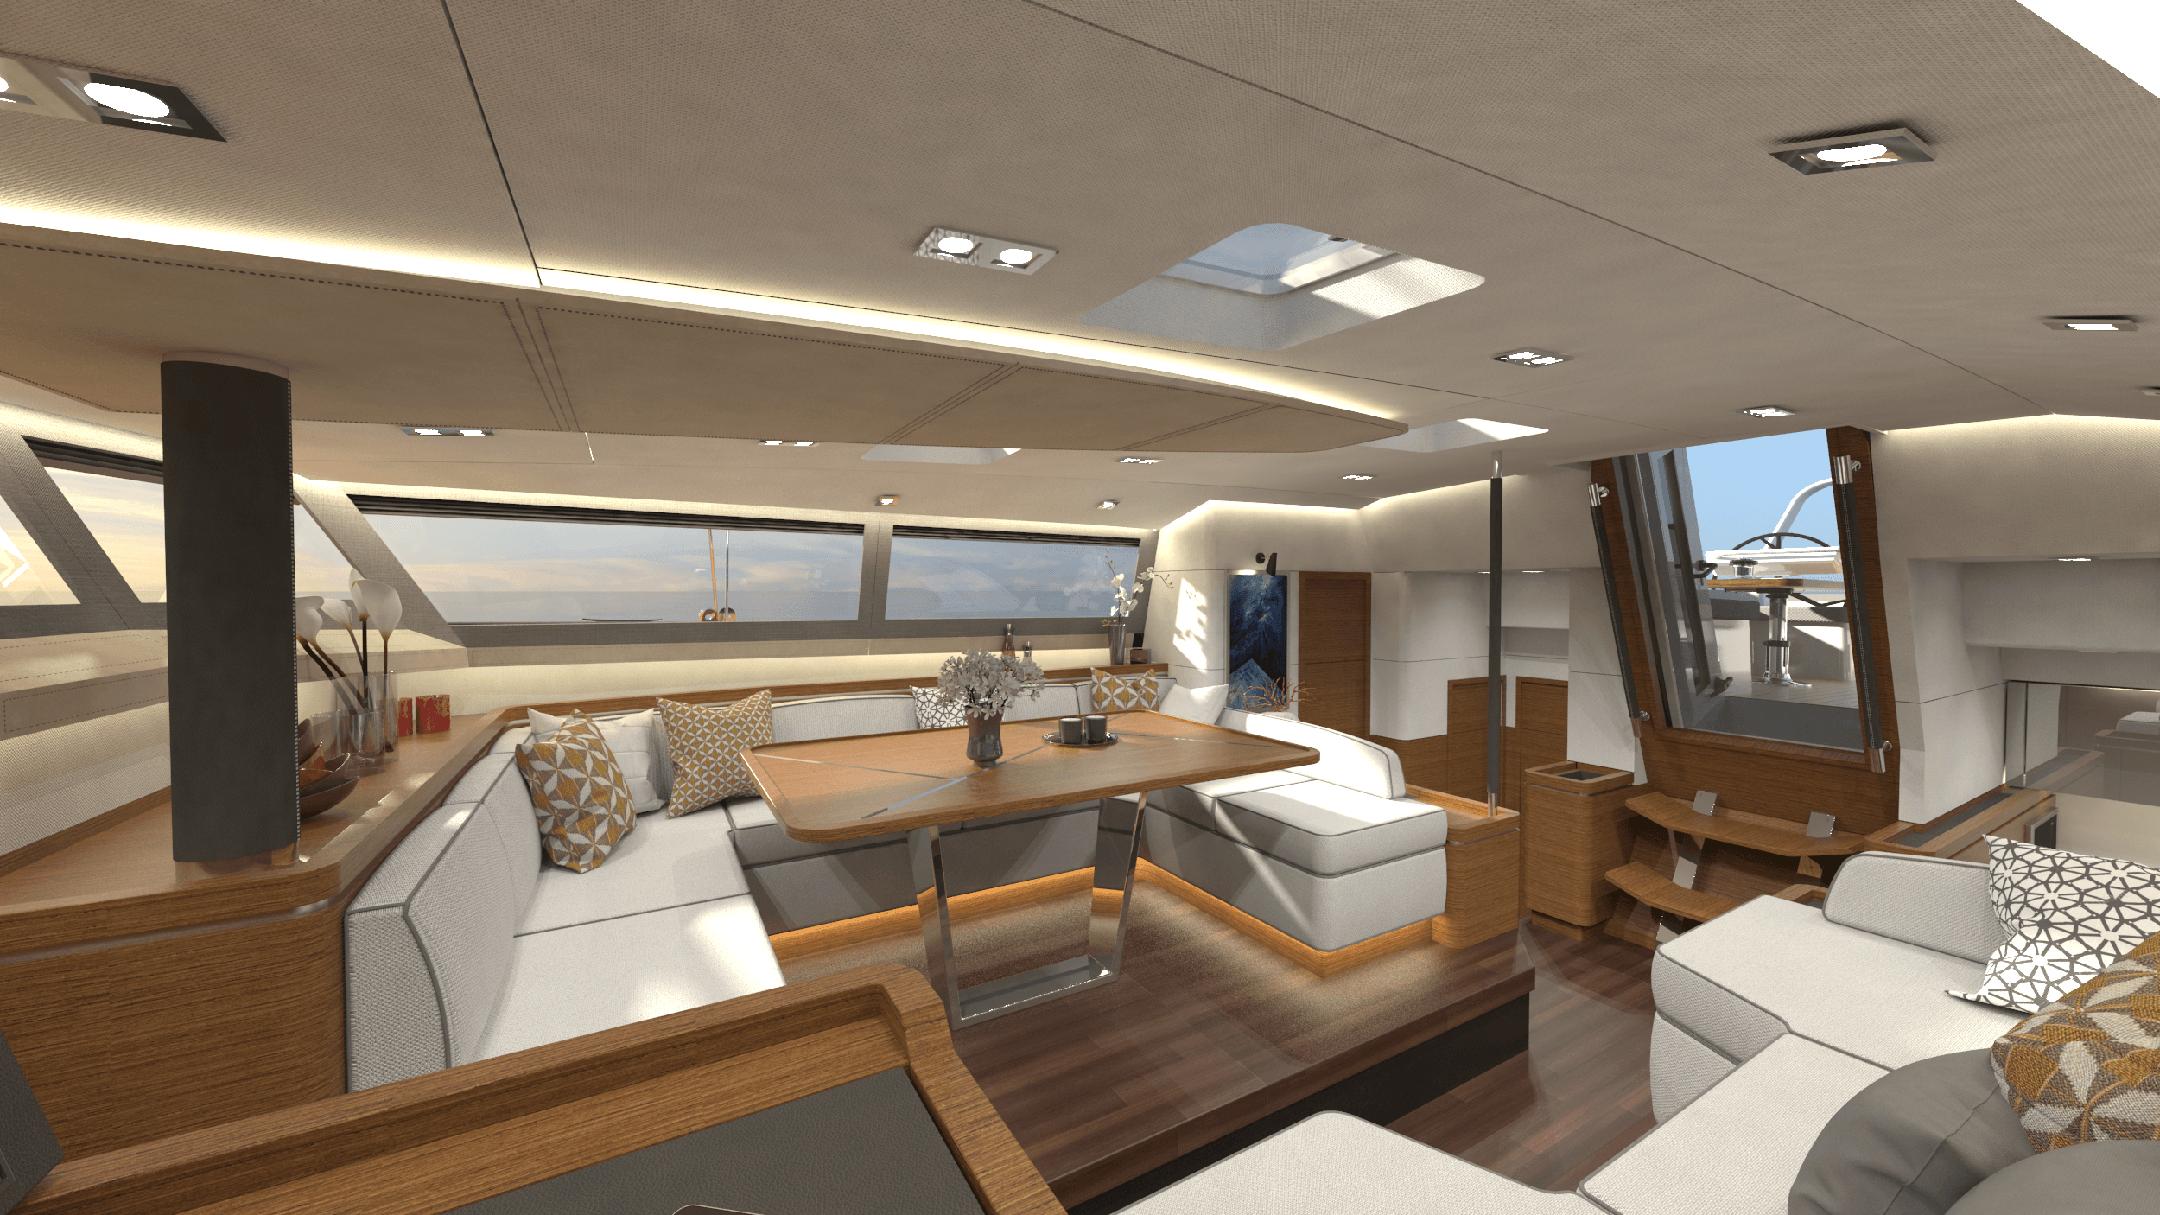 Le chantier Garcia Yachts est spécialisé depuis sa création dans la construction de voiliers à coque aluminium et il fait aujourd'hui partie du Groupe Grand Large Yachting. Dériveurs intégraux ou catamarans, les voiliers Garcia Exploration se démarquent par leur radicalité, tels que les Maracu